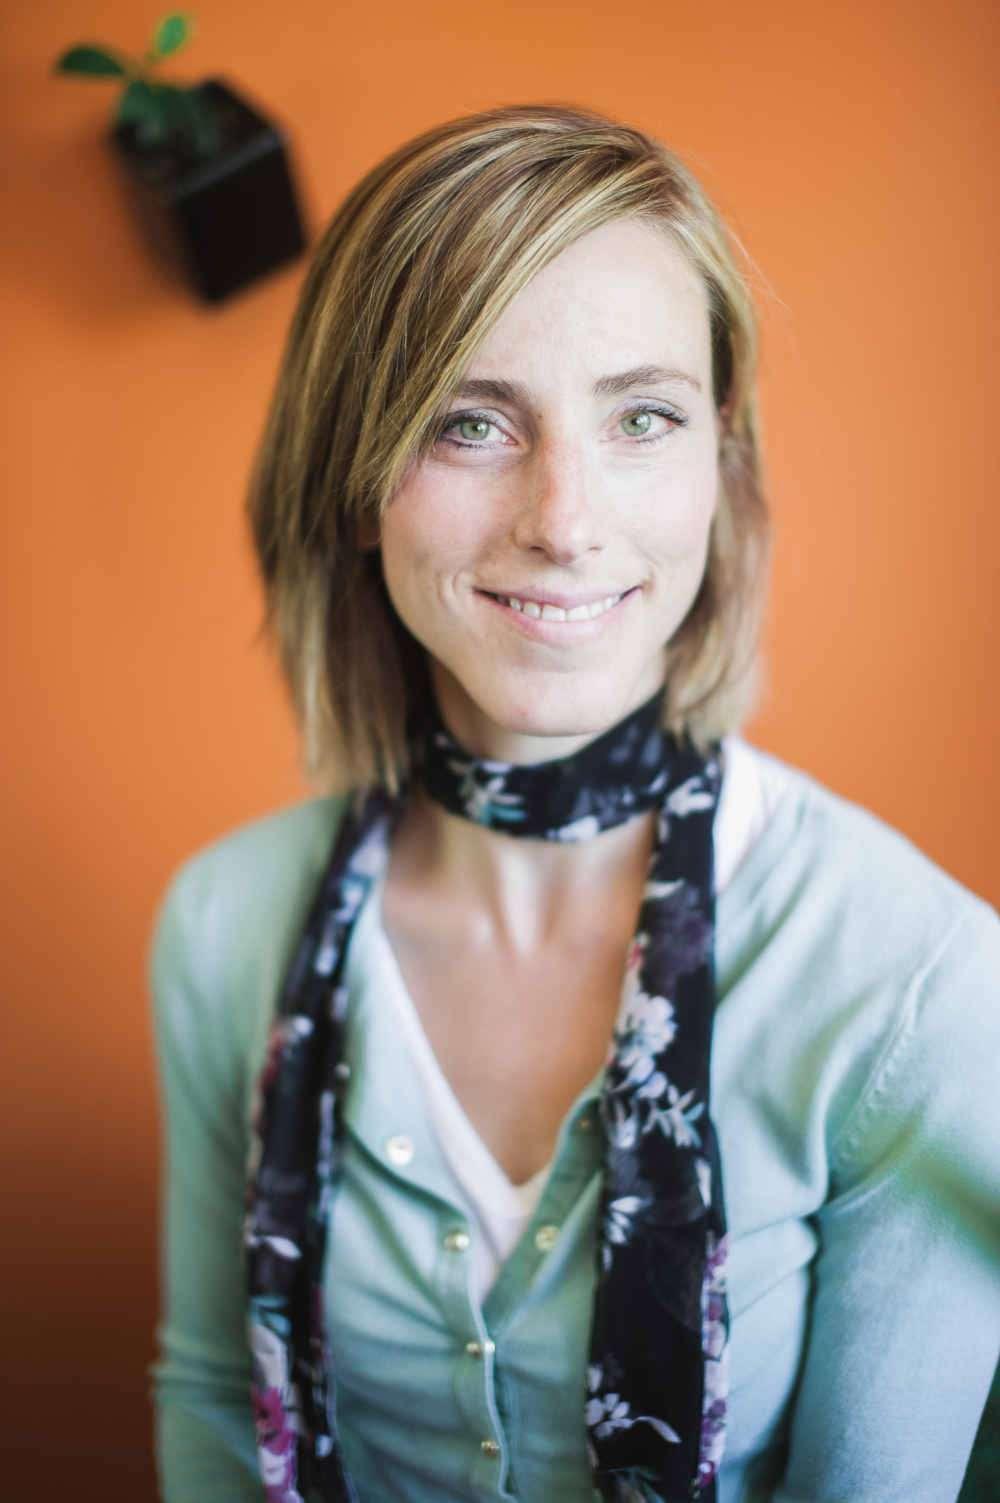 Heidi Moretti profile picture by The Healthy RD